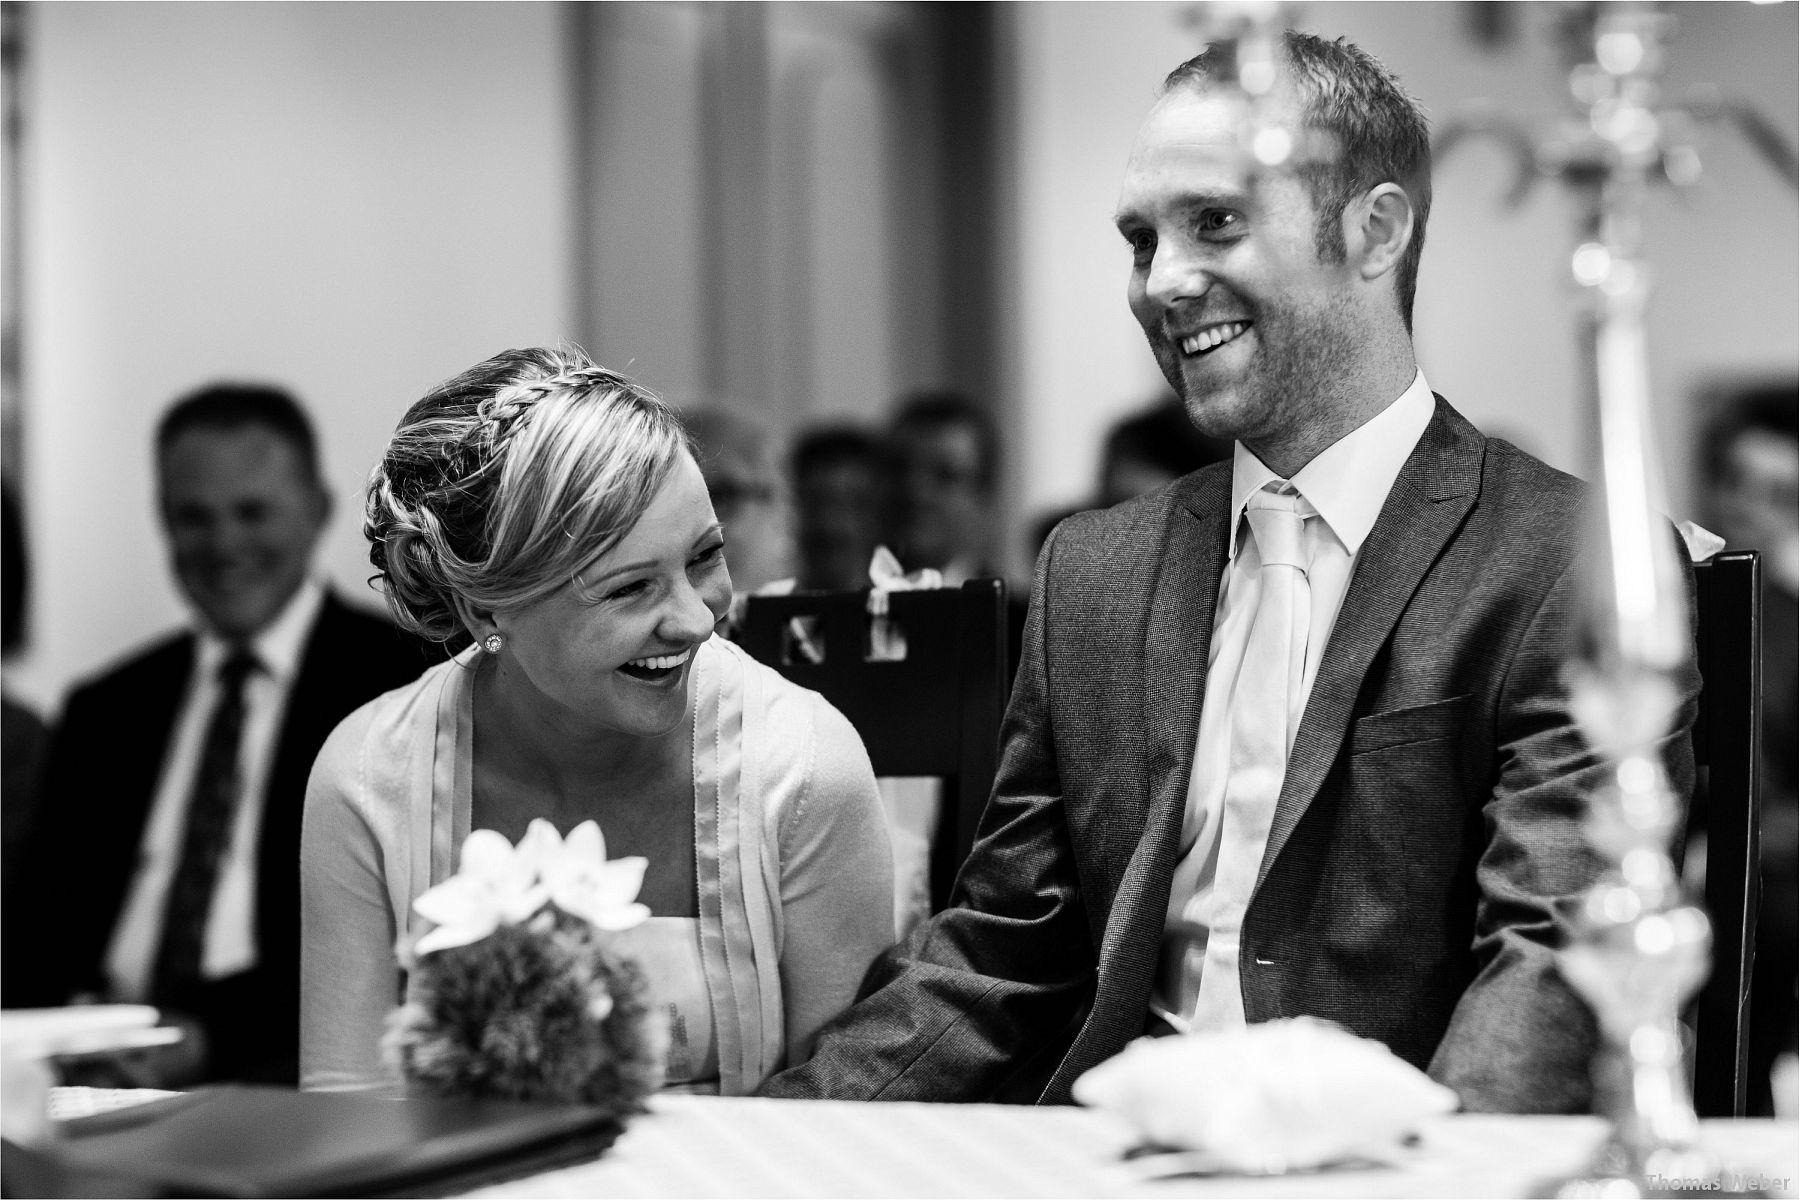 Hochzeitsfotograf Thomas Weber bei einer Hochzeitsreportage in Wilhelmshaven (4)